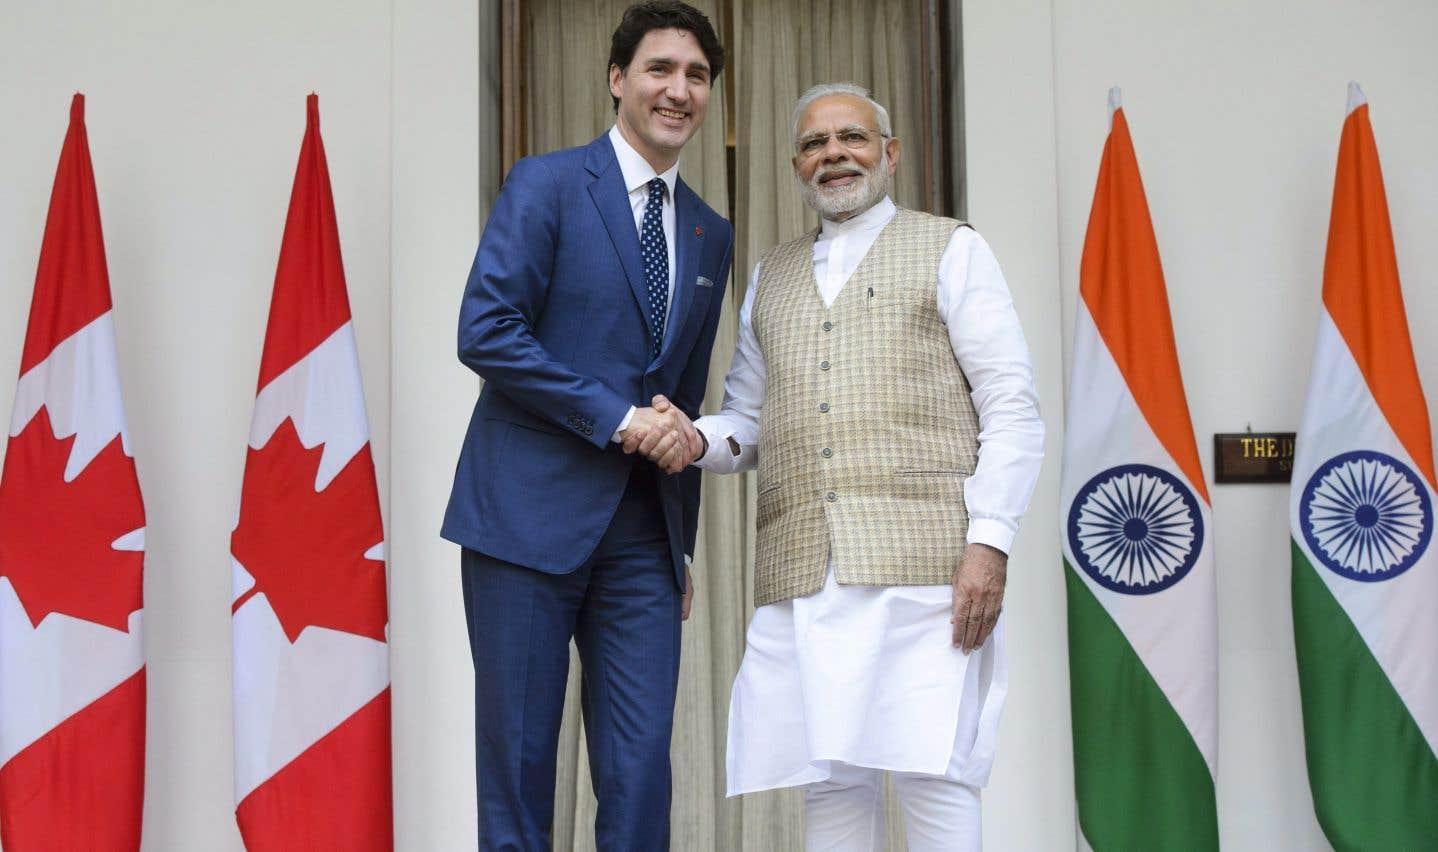 Le premier ministre indien Narendra Modi ait chaleureusement accueilli son homologue Justin Trudeau.